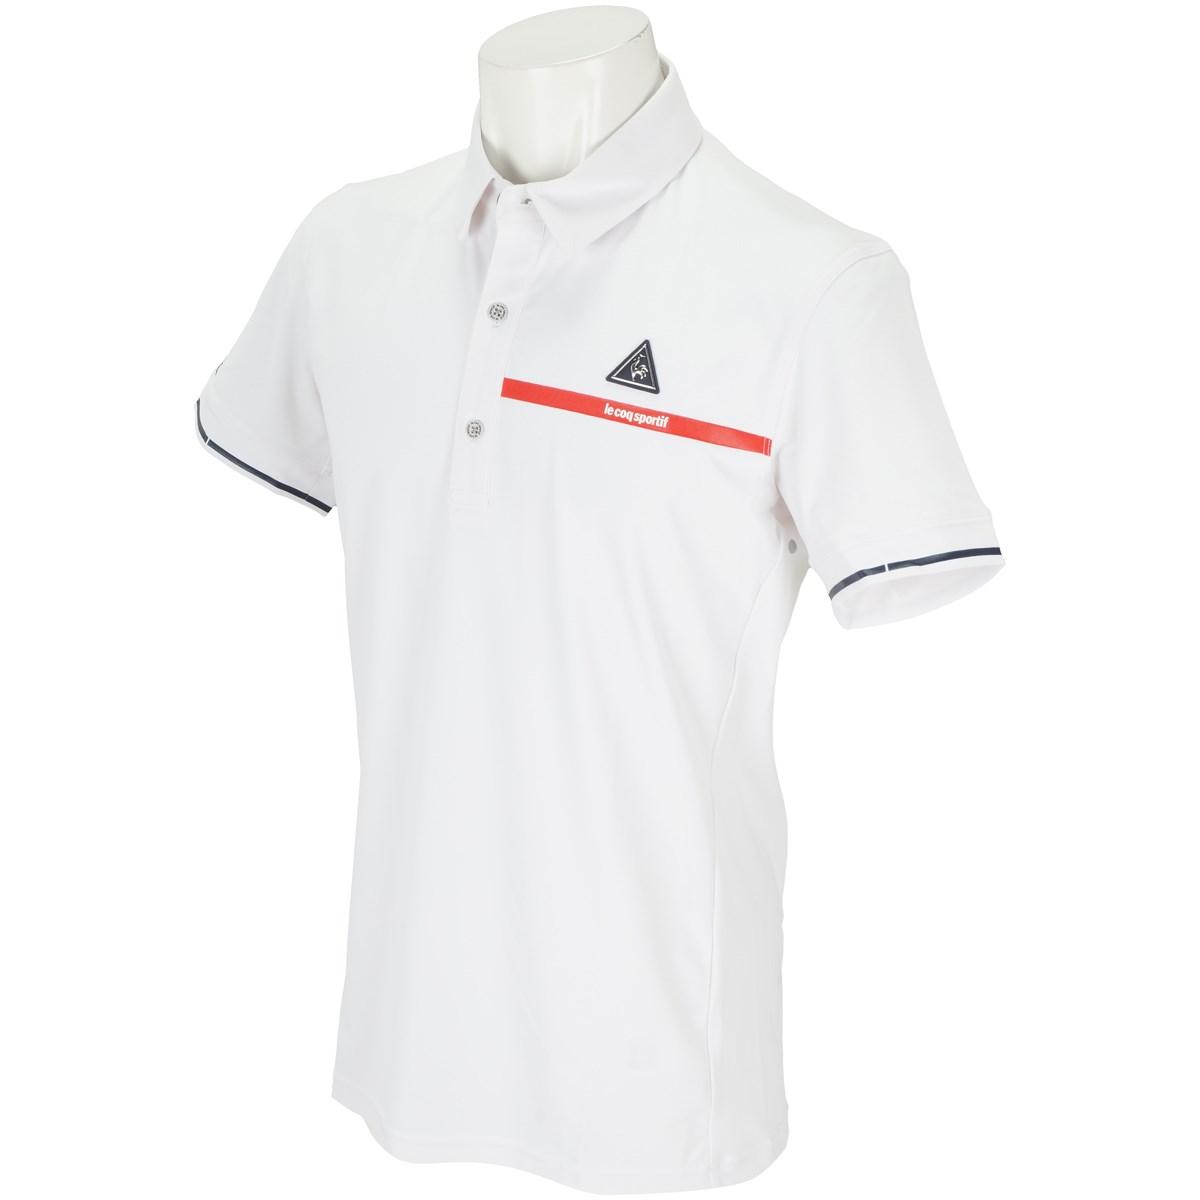 ルコックゴルフ ストレッチ 半袖ポロシャツ